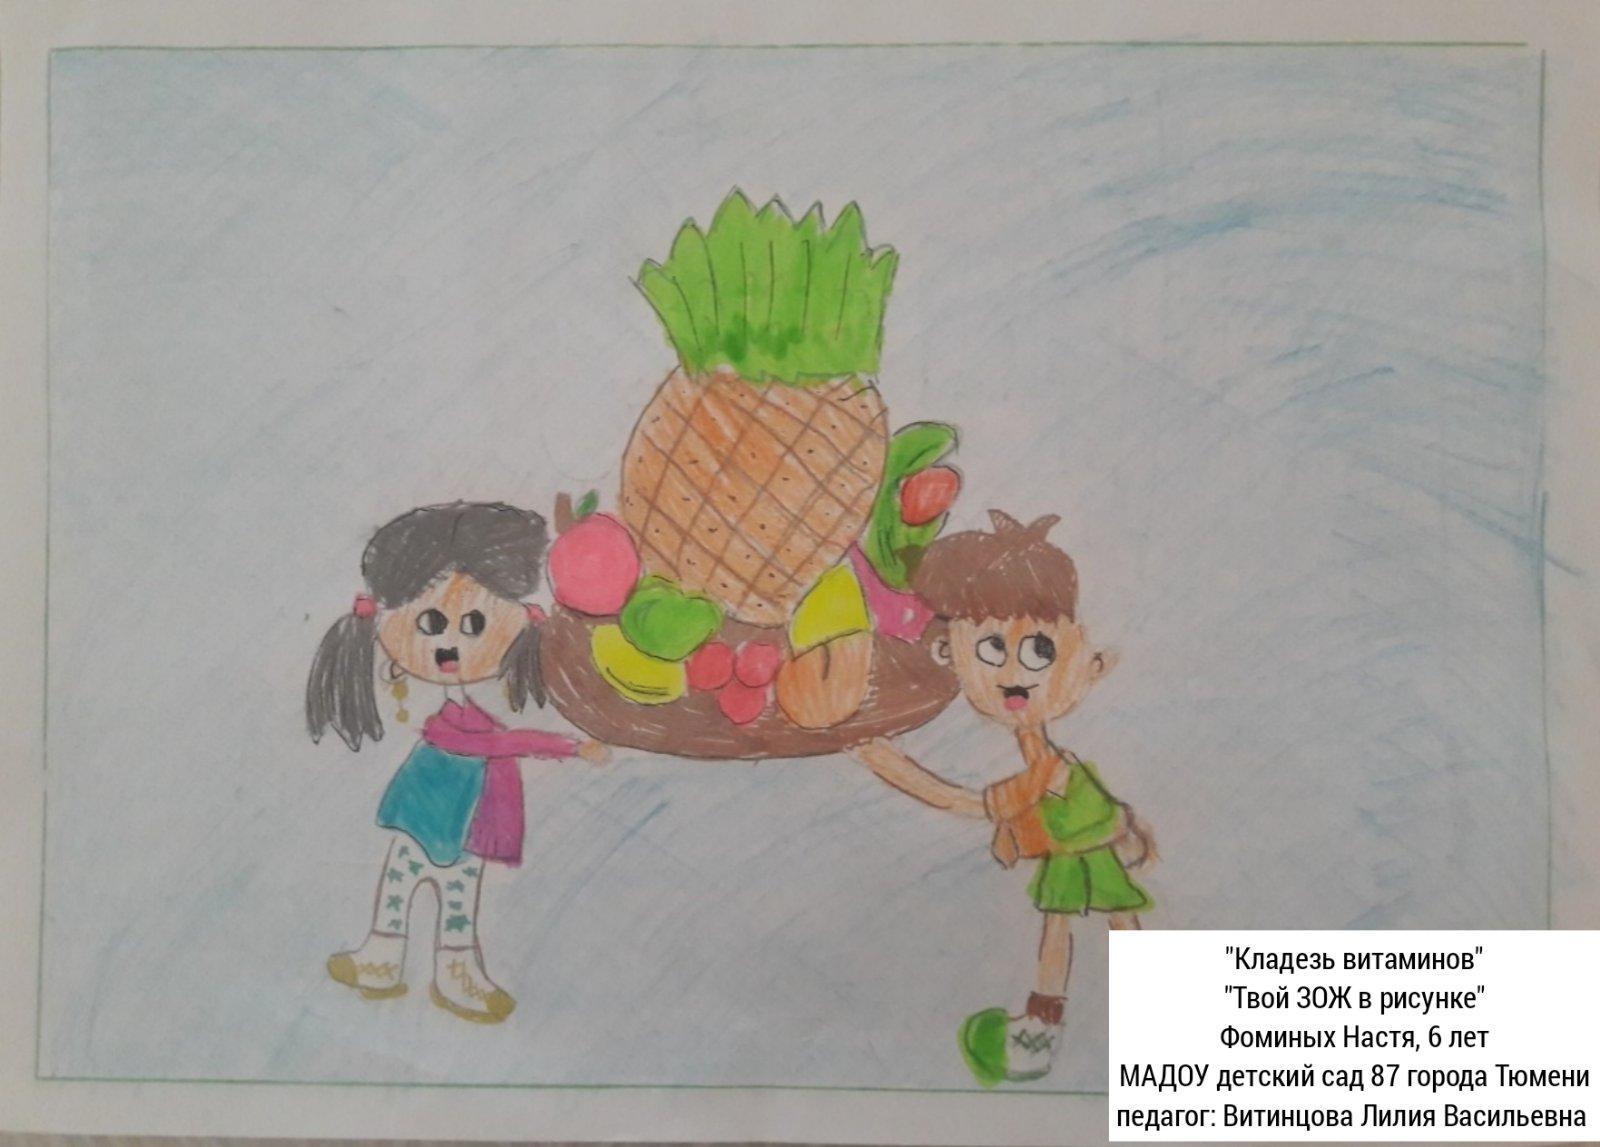 D:\Физкультура путь к творчеству\работы детей\фото №1.jpg